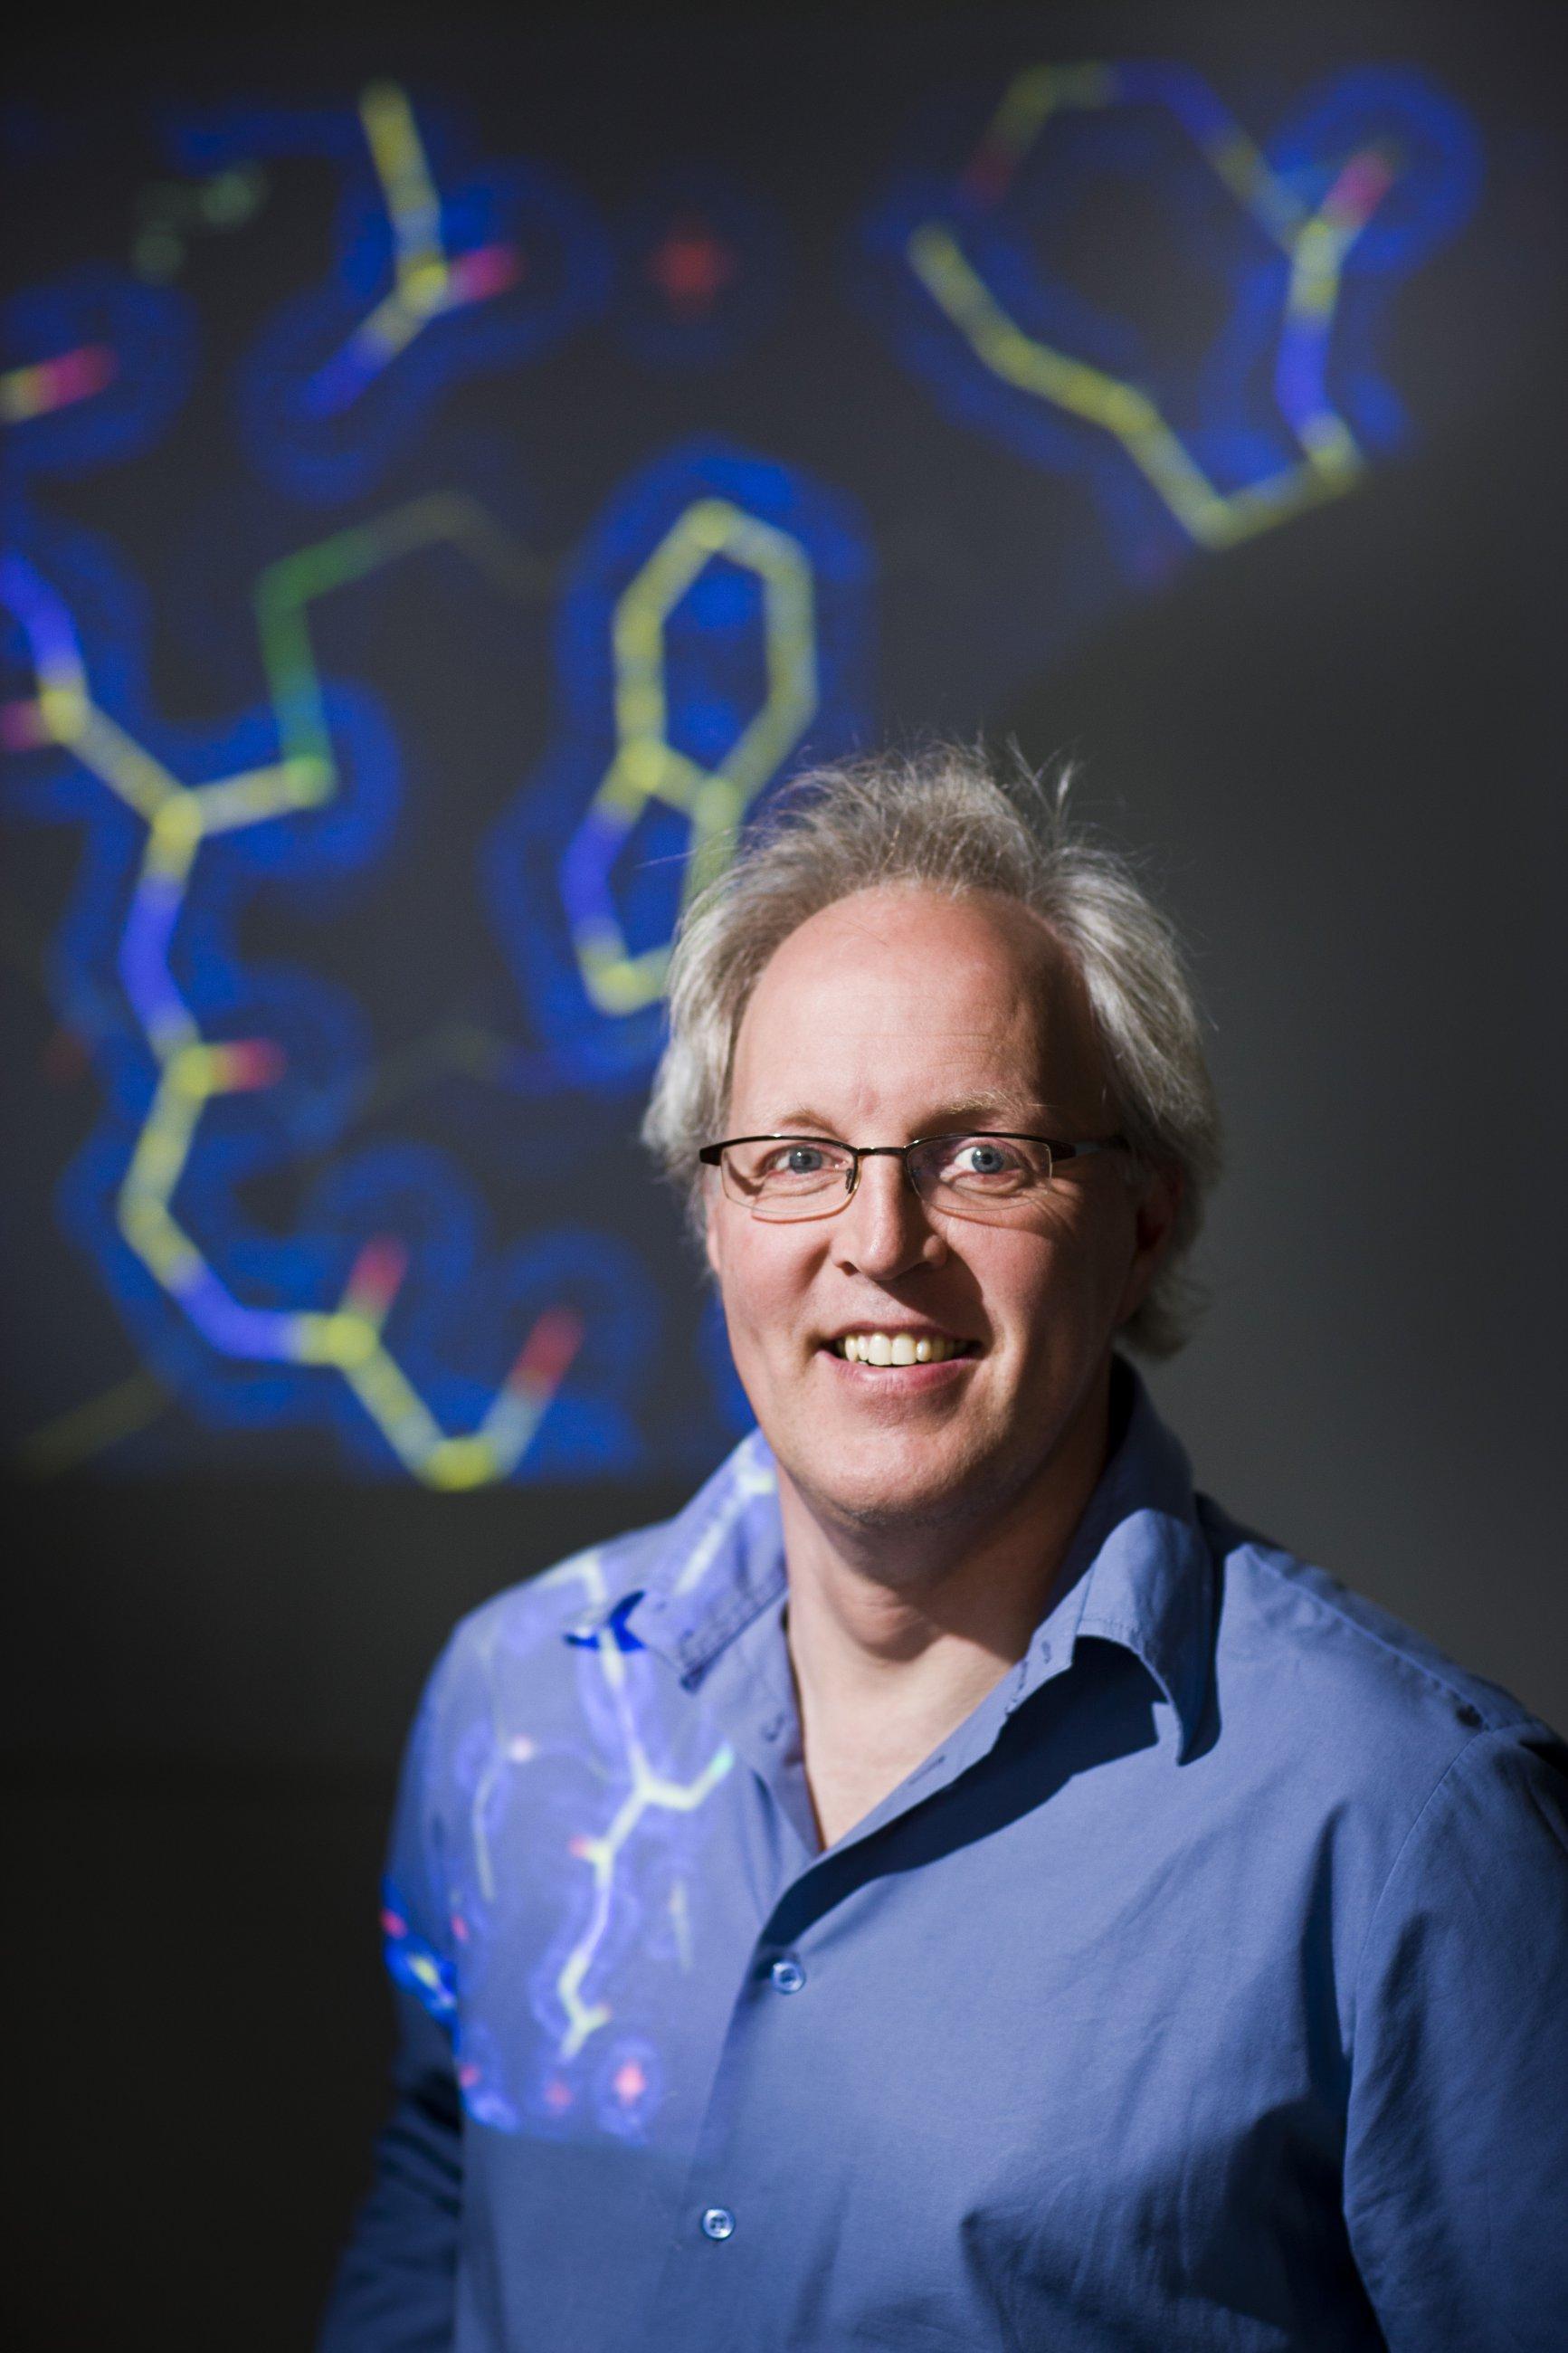 Piet Gros Dutch chemist